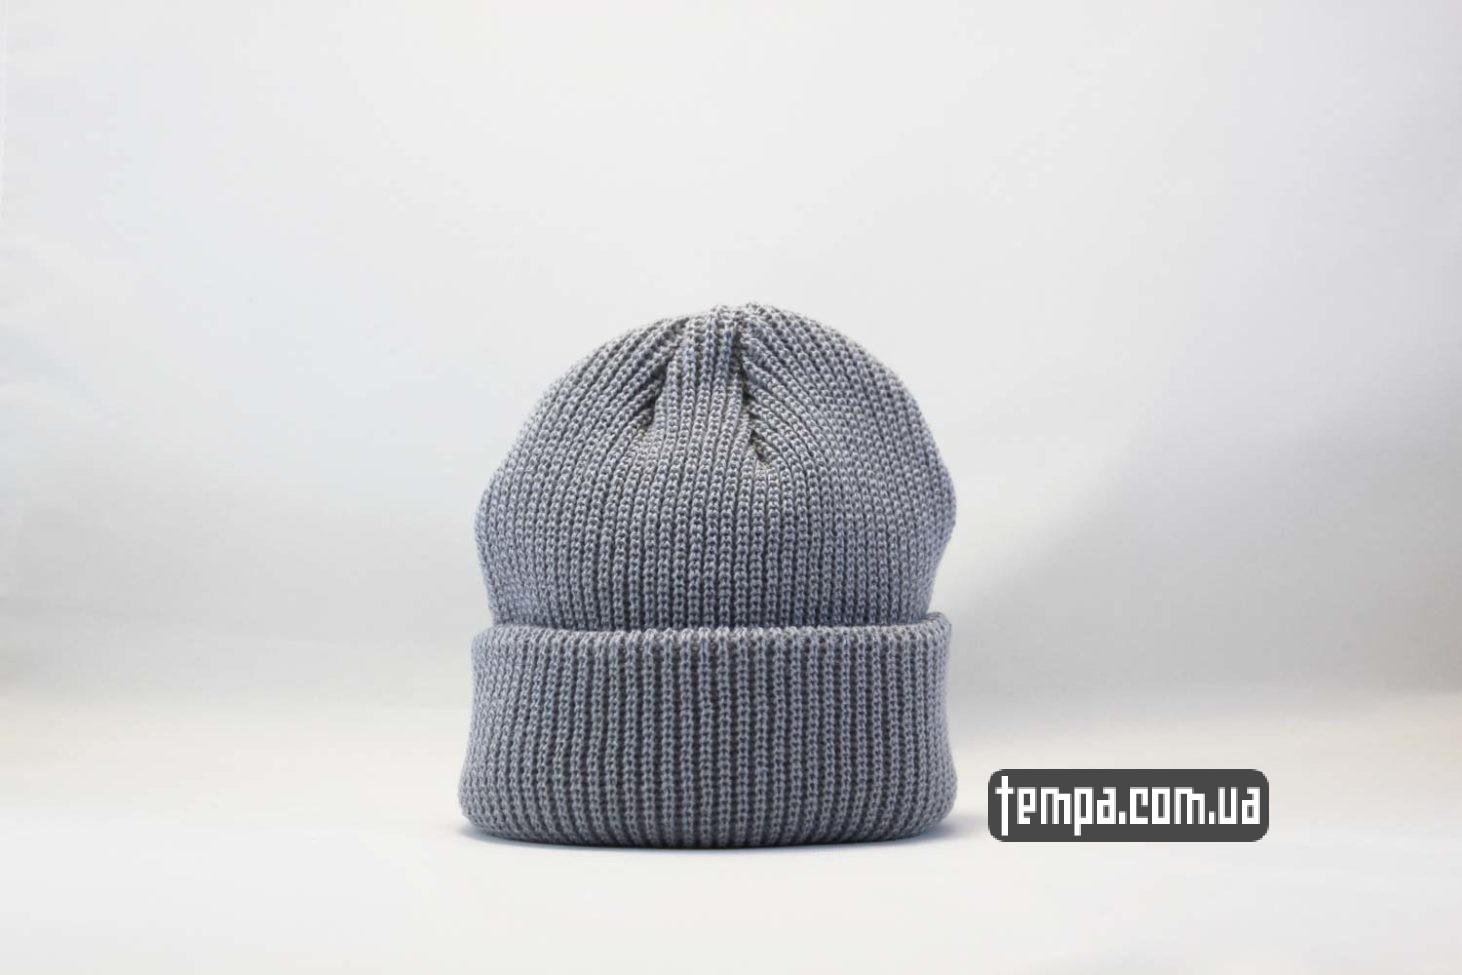 шапка как у монатика шапка beanie MONATIK ASOS серая купить Украина оригинал